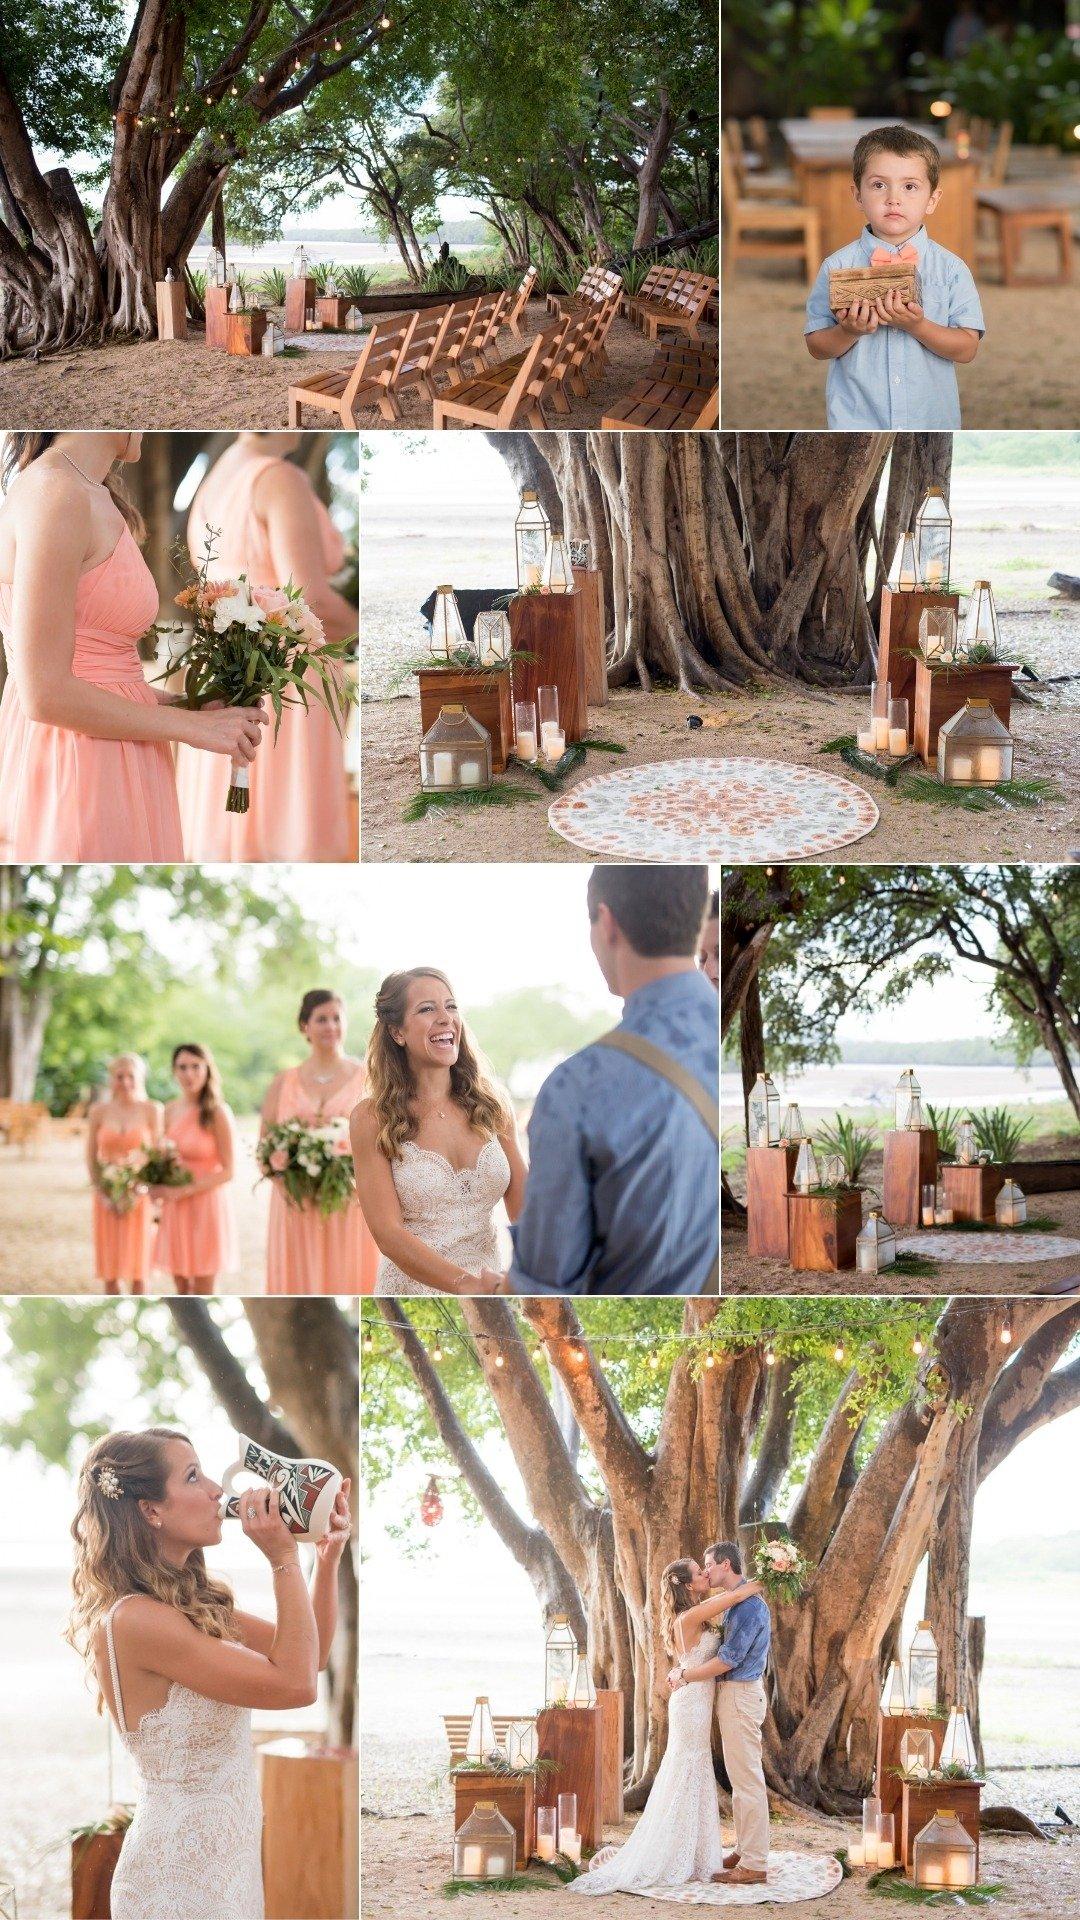 Classic Tropical Wedding ceremony decor ideas